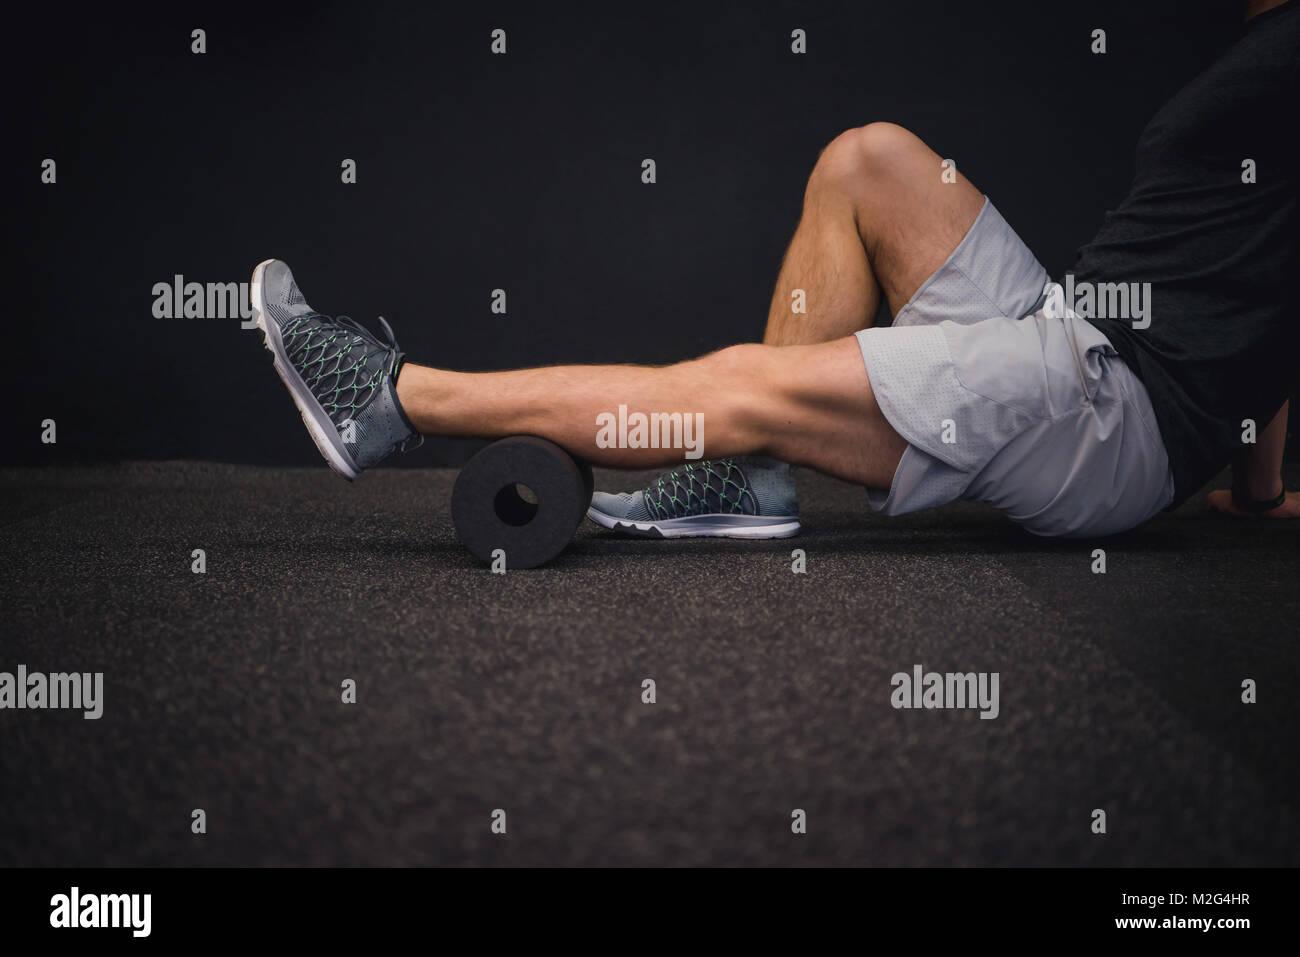 Athletischer Mann mit einer schaumstoffrolle Muskelkater nach dem Training zu entlasten. Stockbild